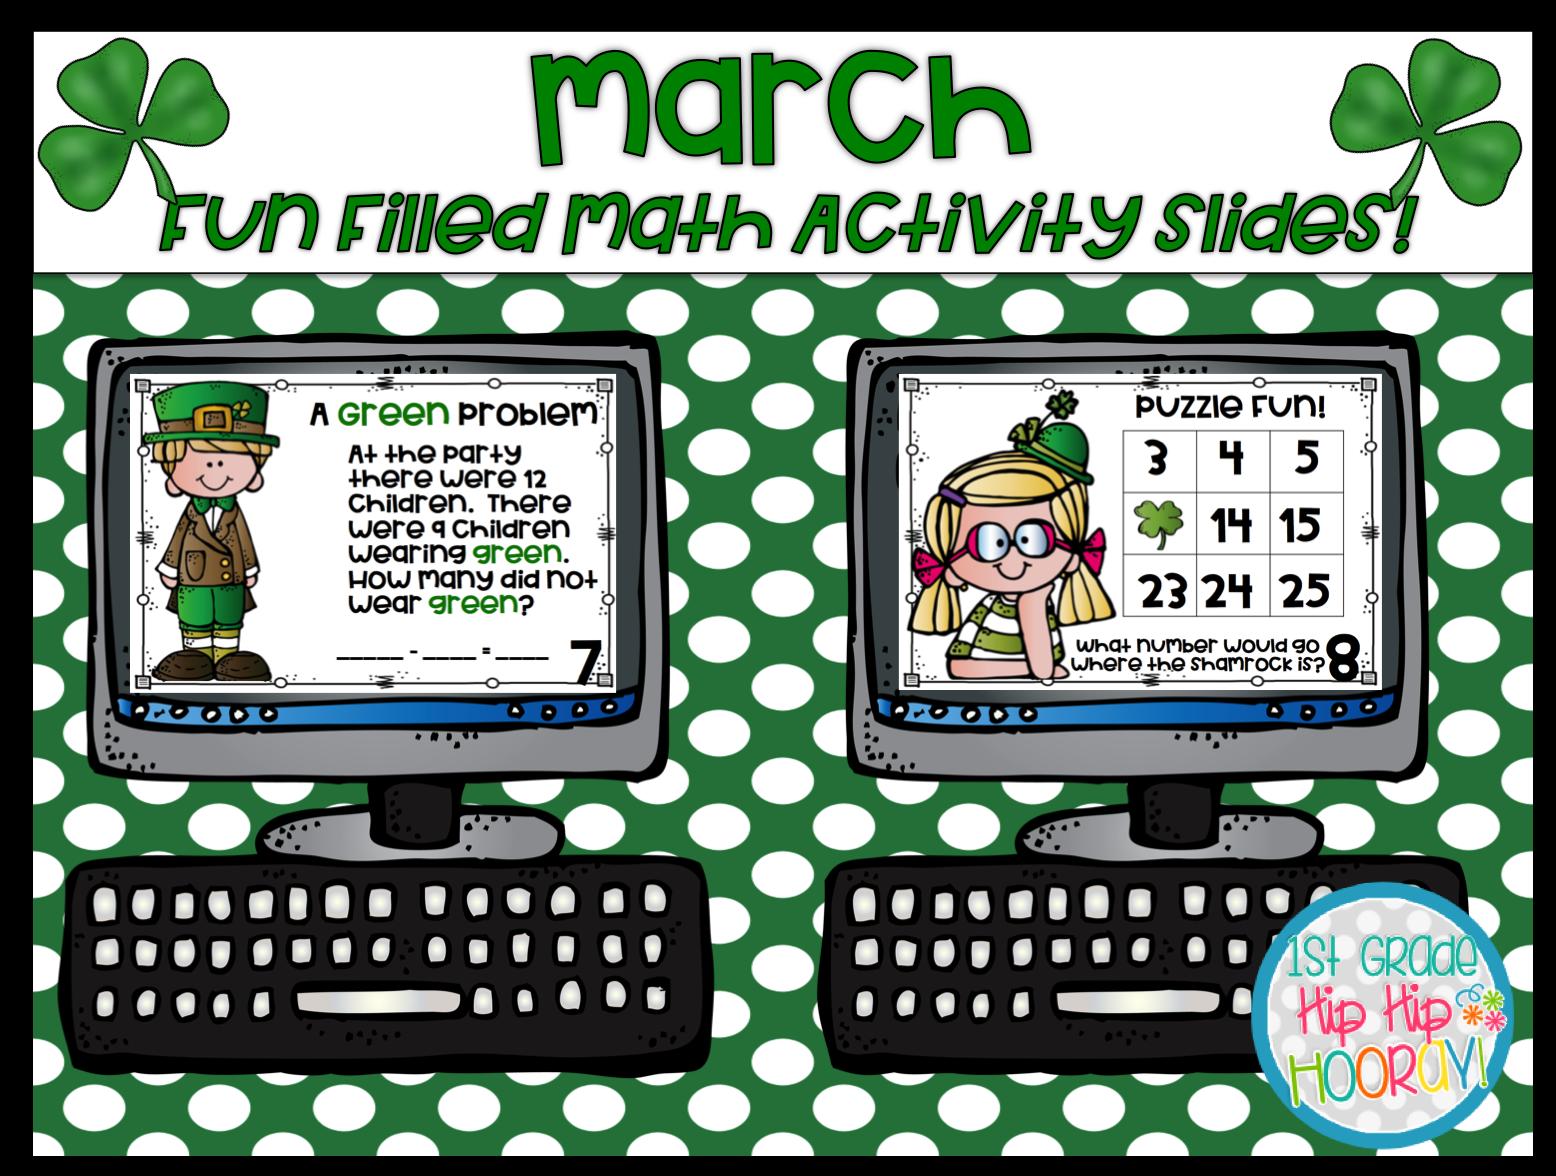 1st Grade Hip Hip Hooray March Fun Filled Math